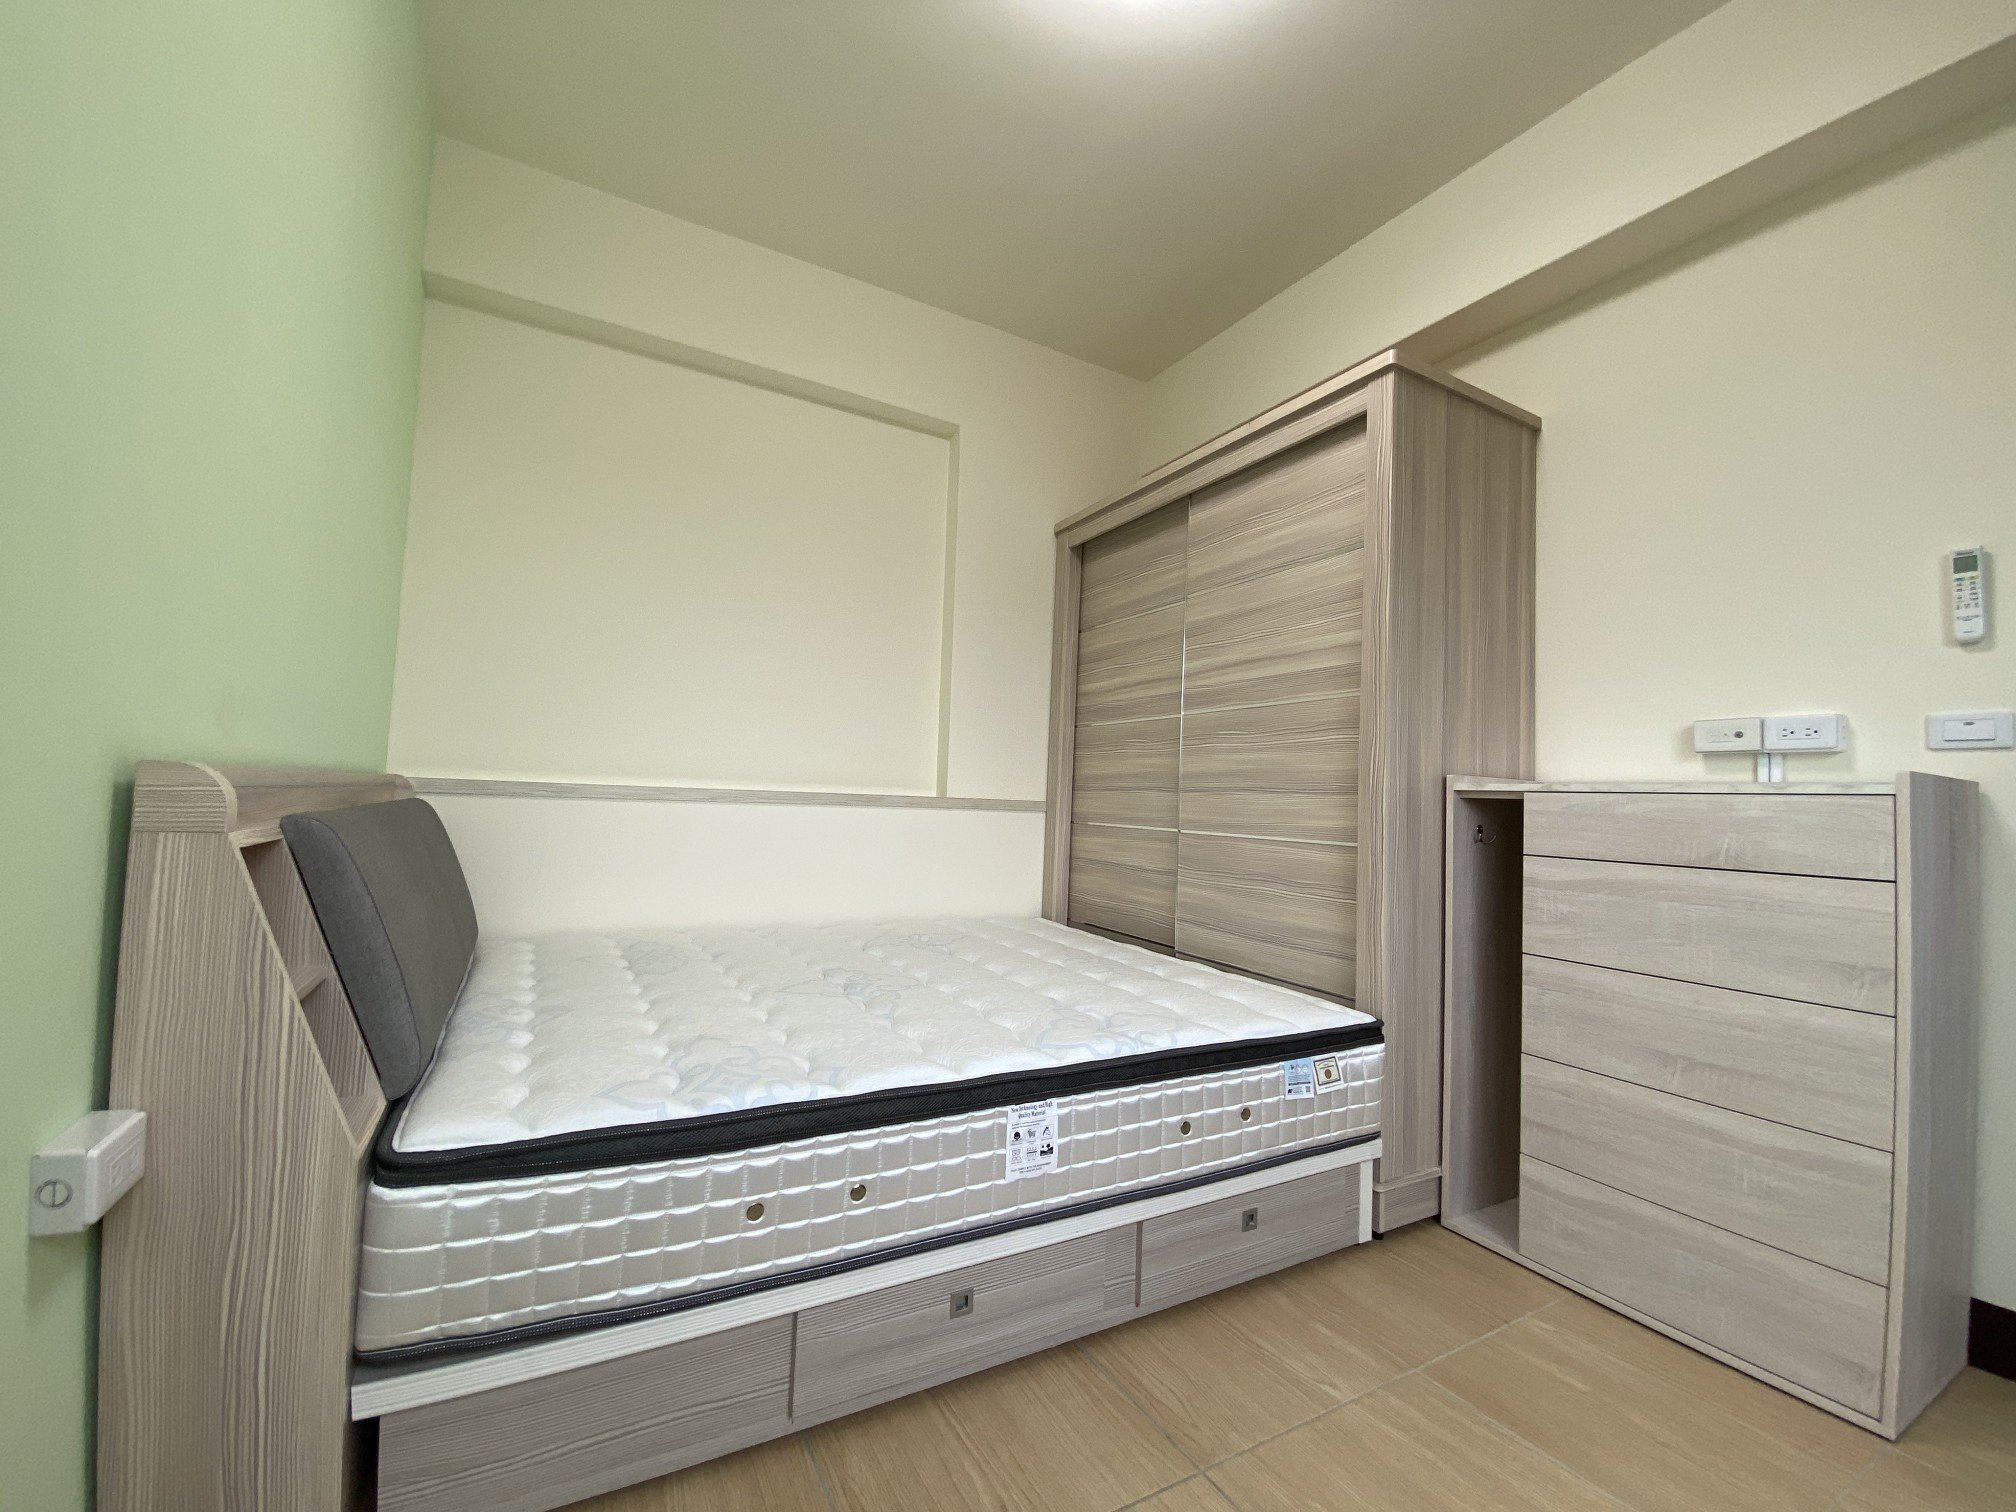 陳小姐臥室床組:床頭、床架、衣櫥、斗櫃等,整體風格簡潔